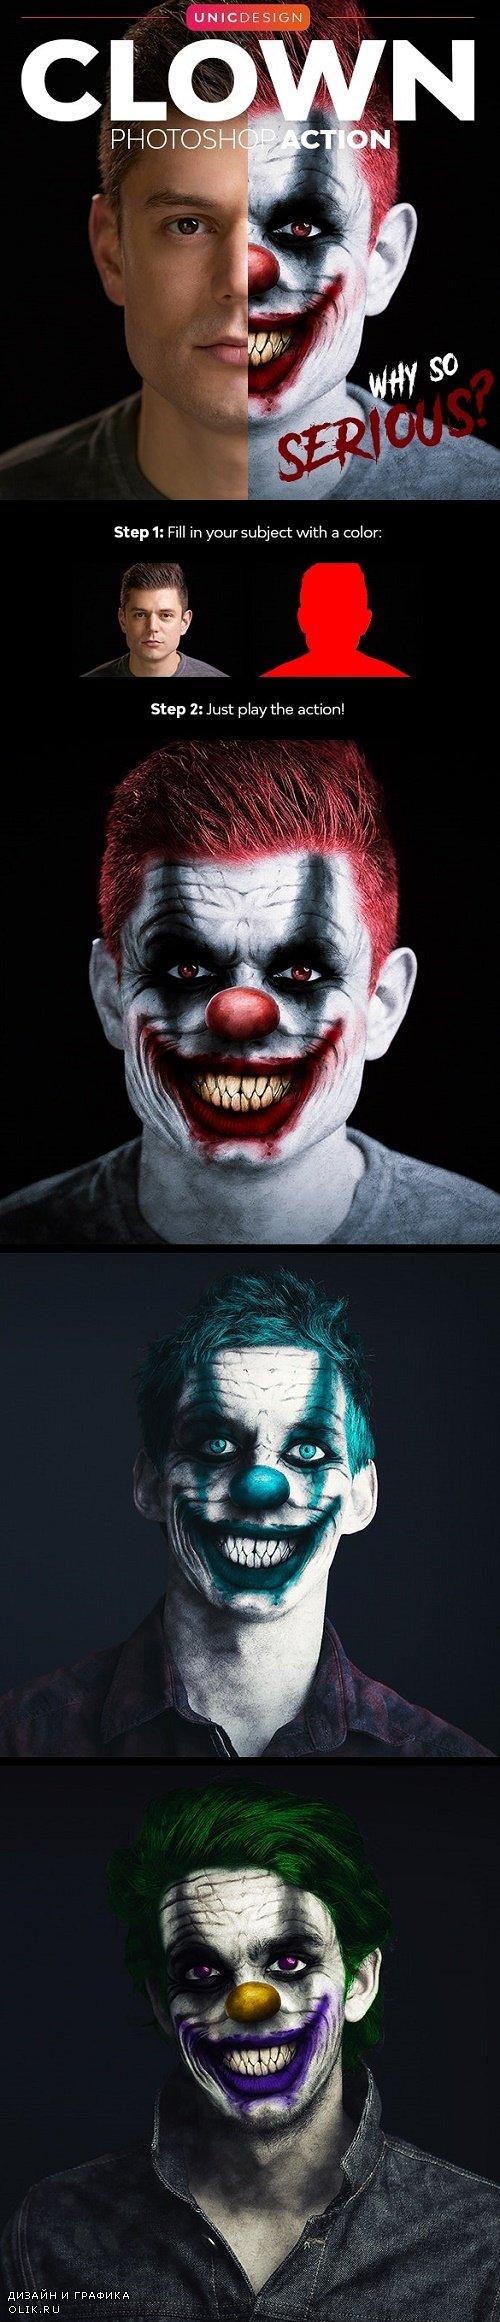 Clown Photoshop Action - 24789255